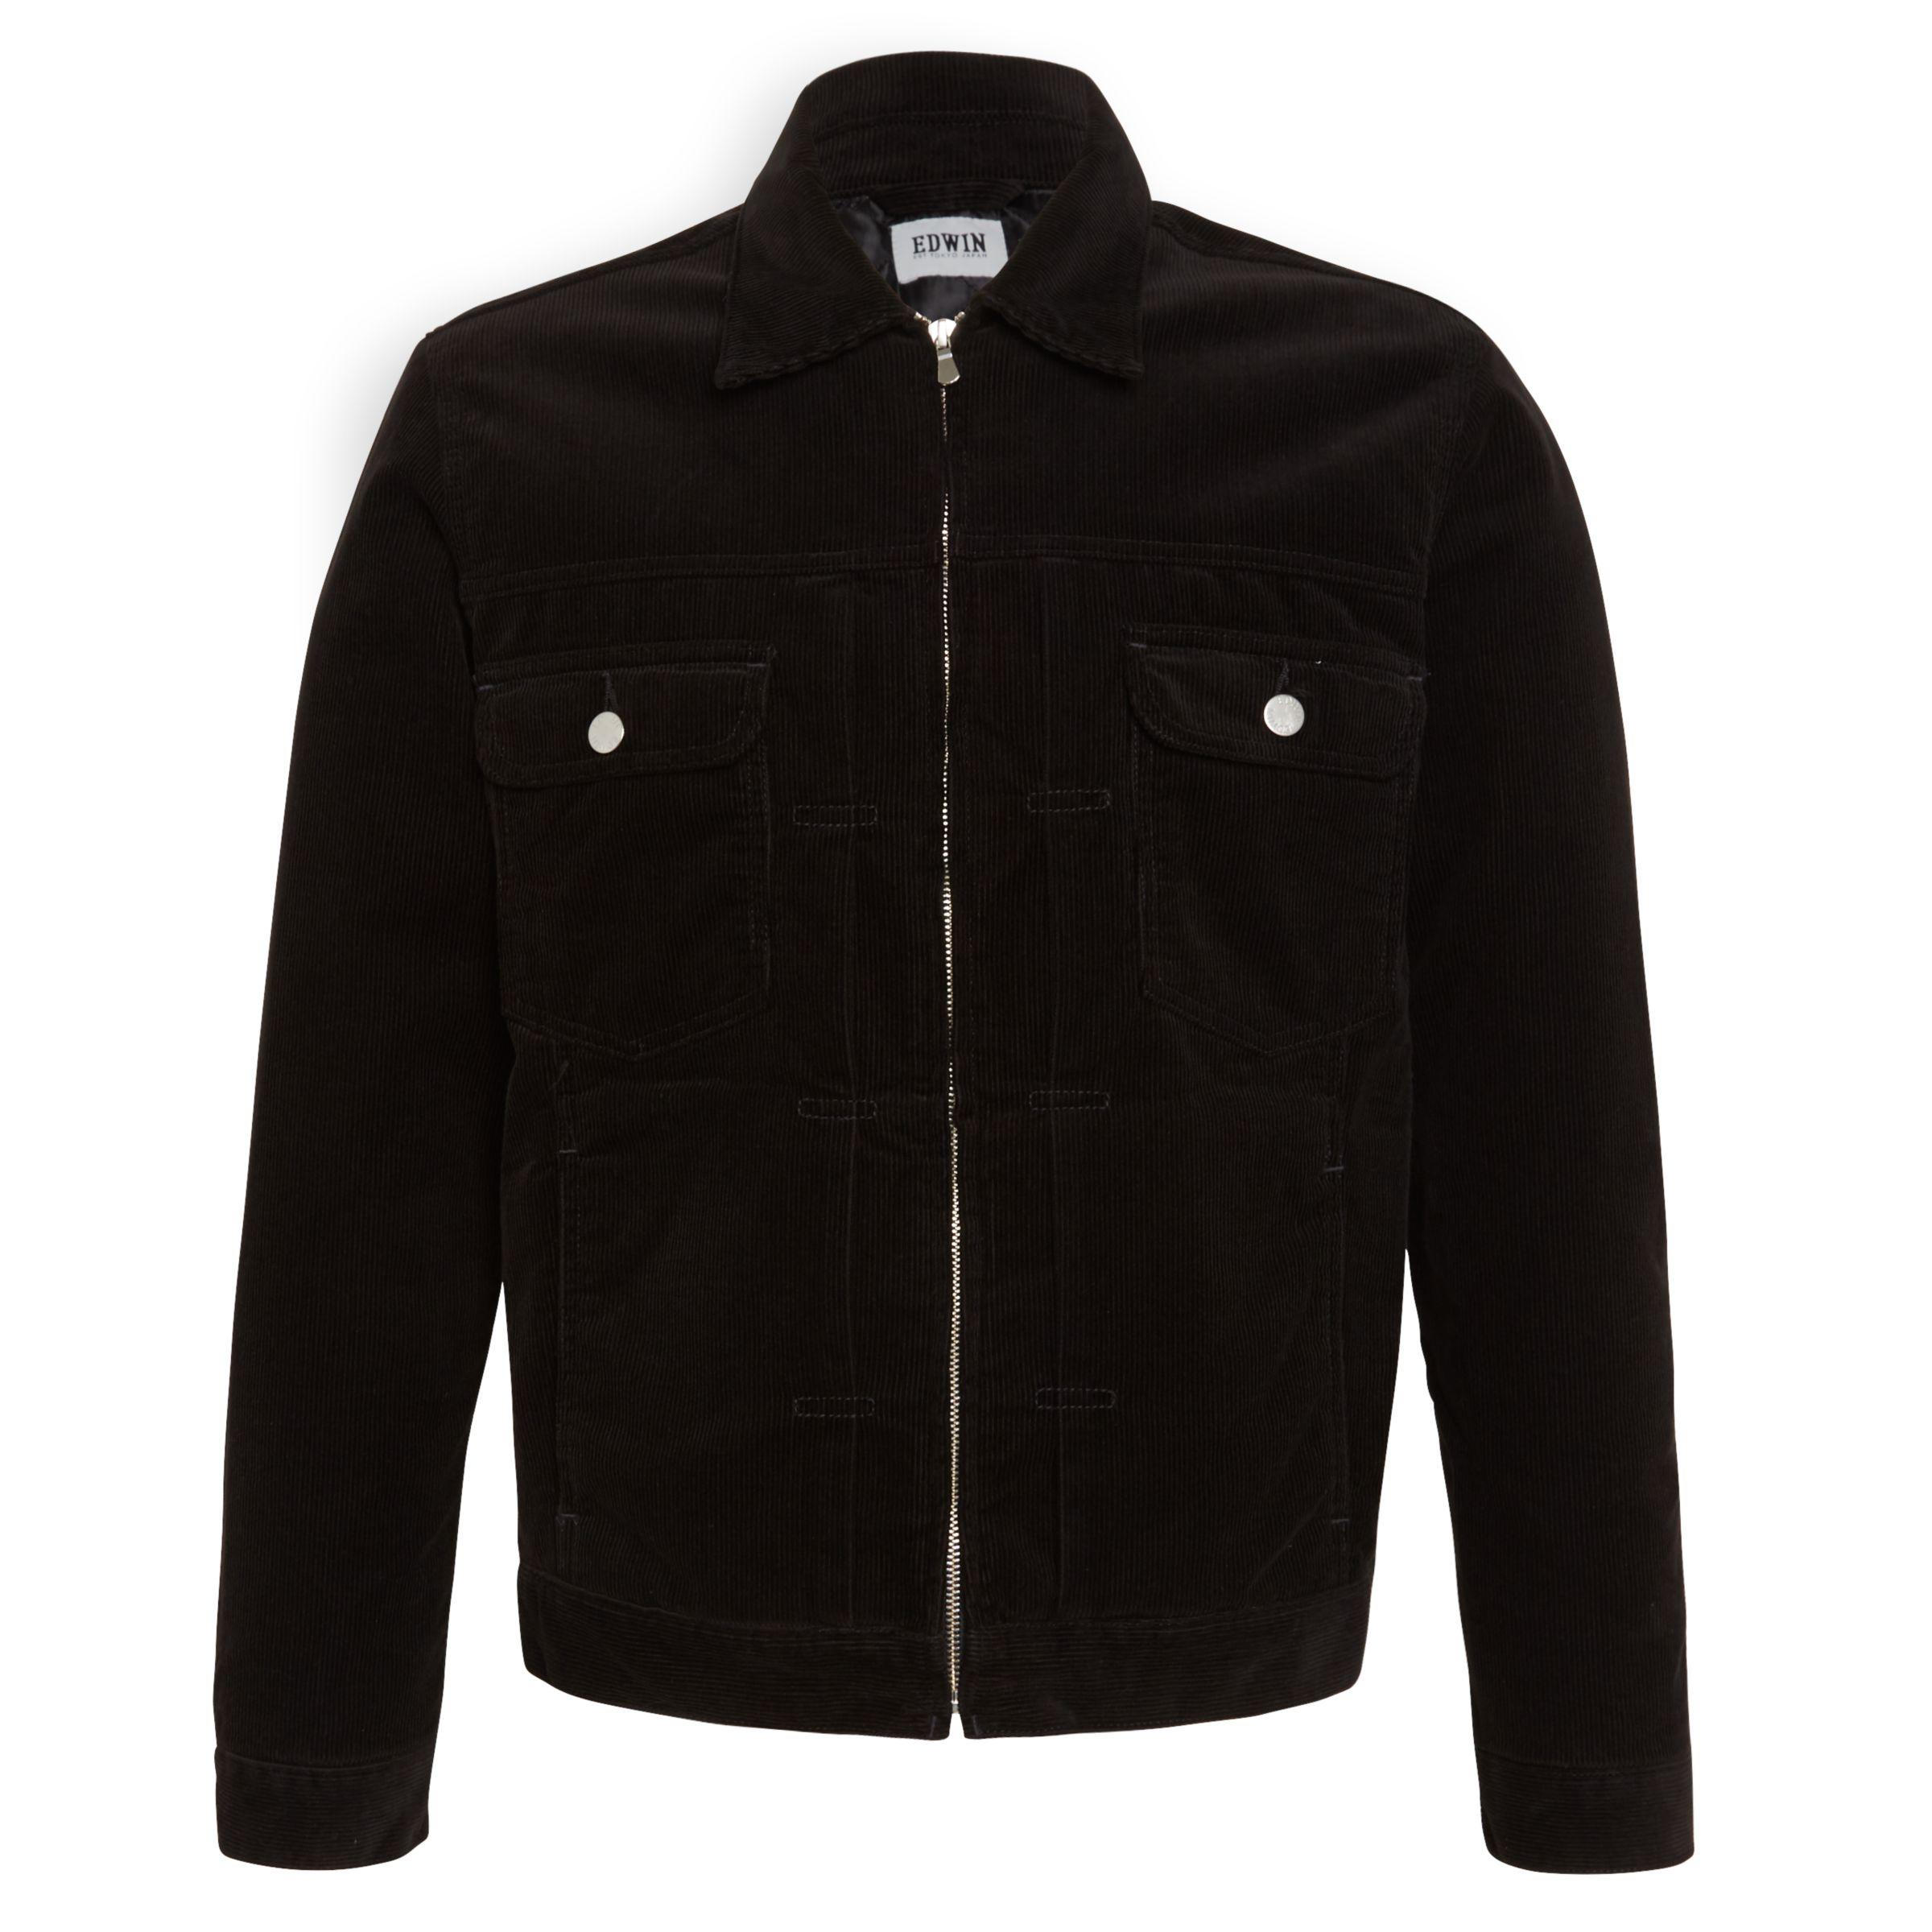 Edwin Edwin Panhead Zip Flap Jacket, Black